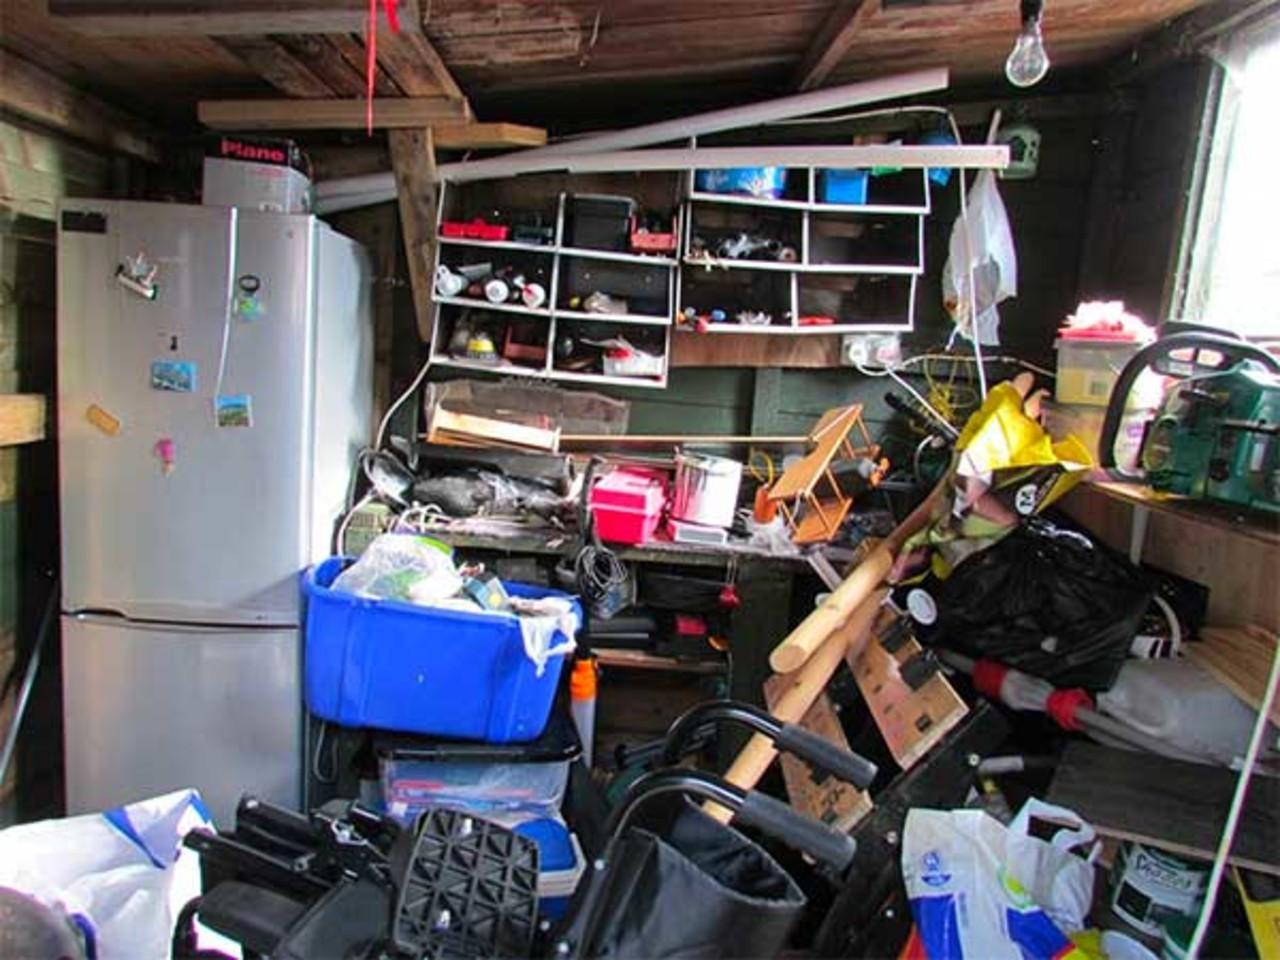 Rotete garasje